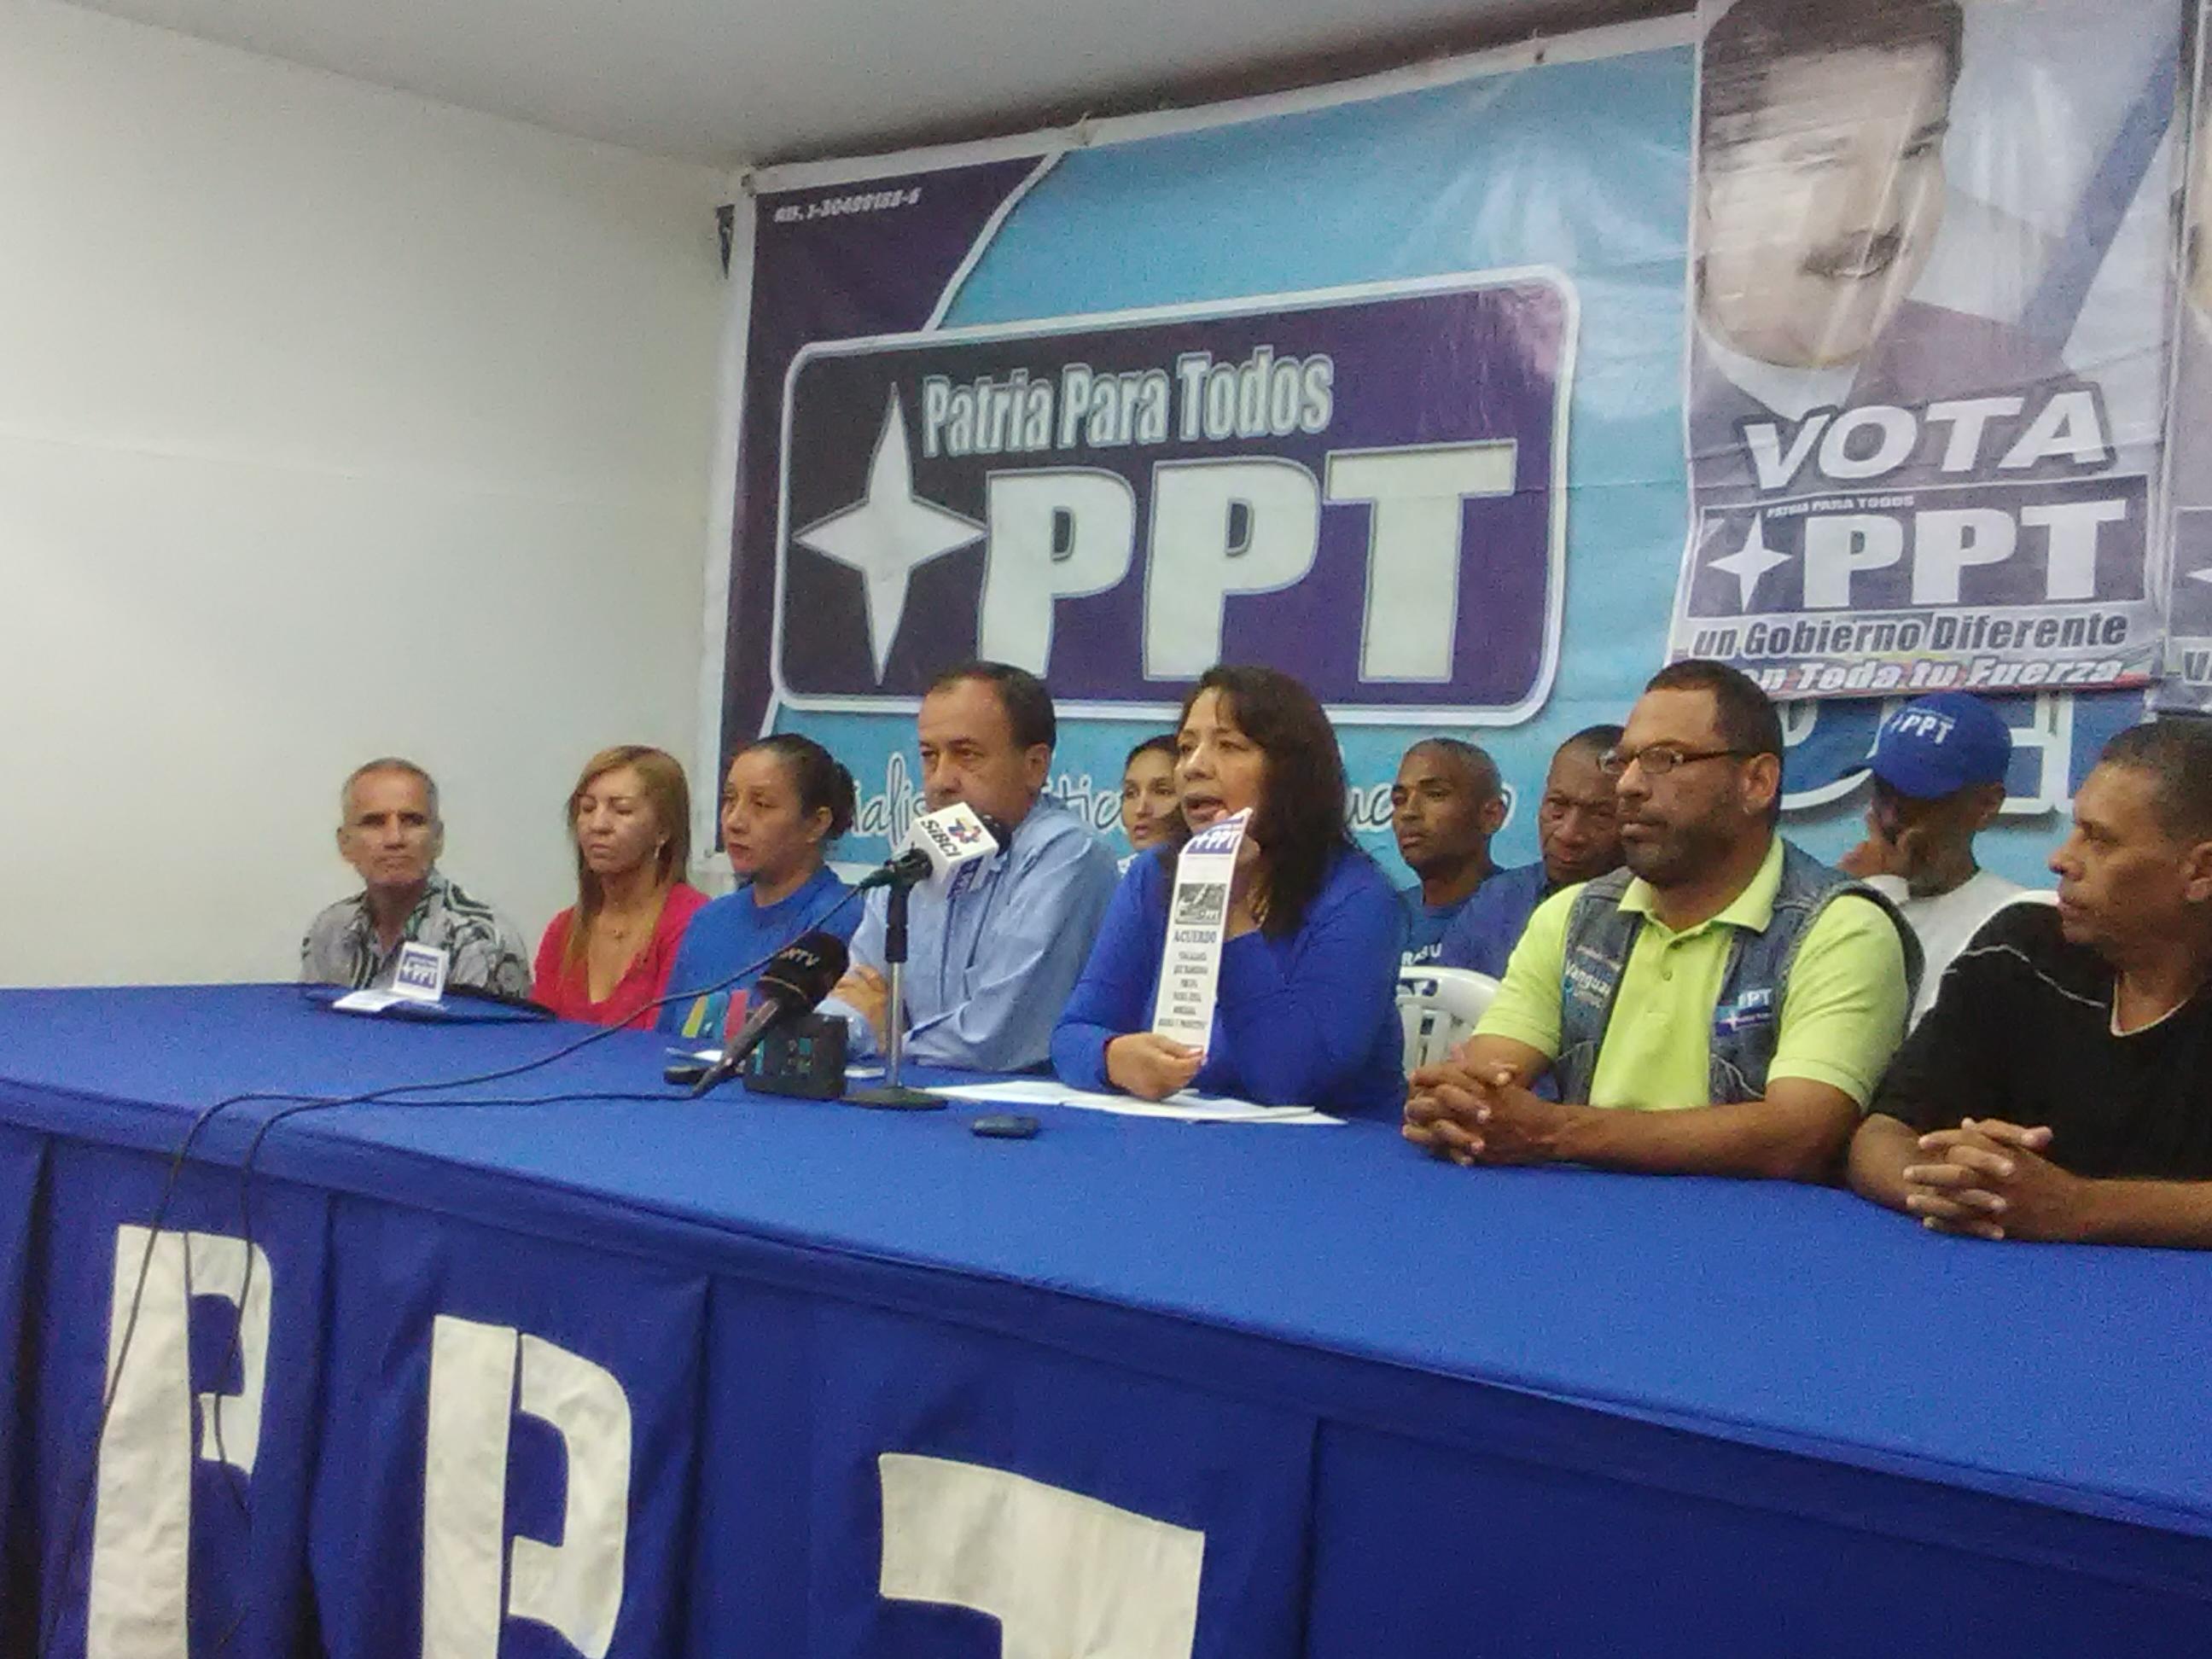 """Ilenia Medina: """"Luego de la reelección presidencial urge constituir un Gobierno diferente"""""""